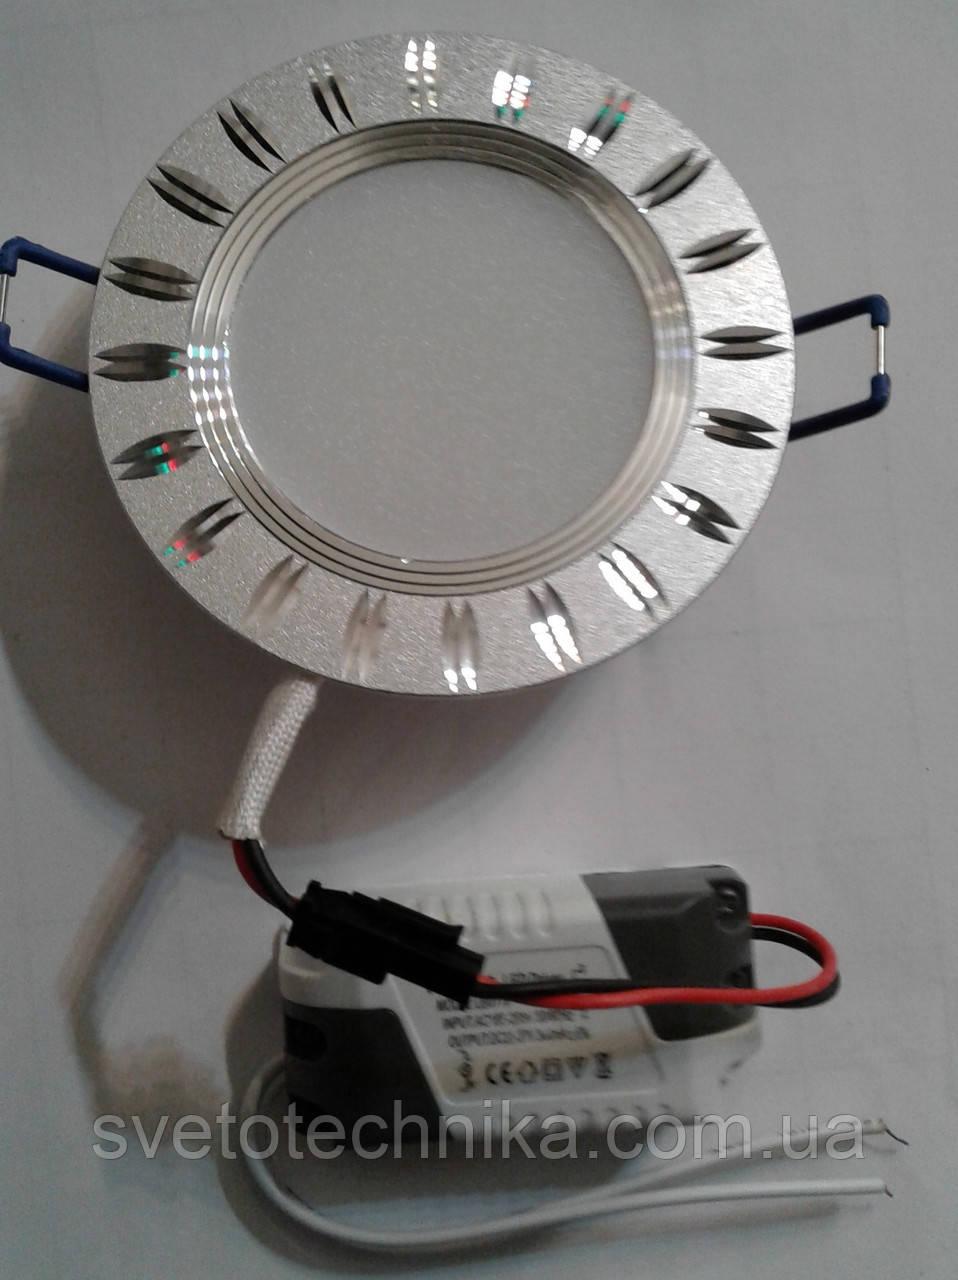 Светодиодный светильник Feron AL779 5W 4000К (корпус -черный)